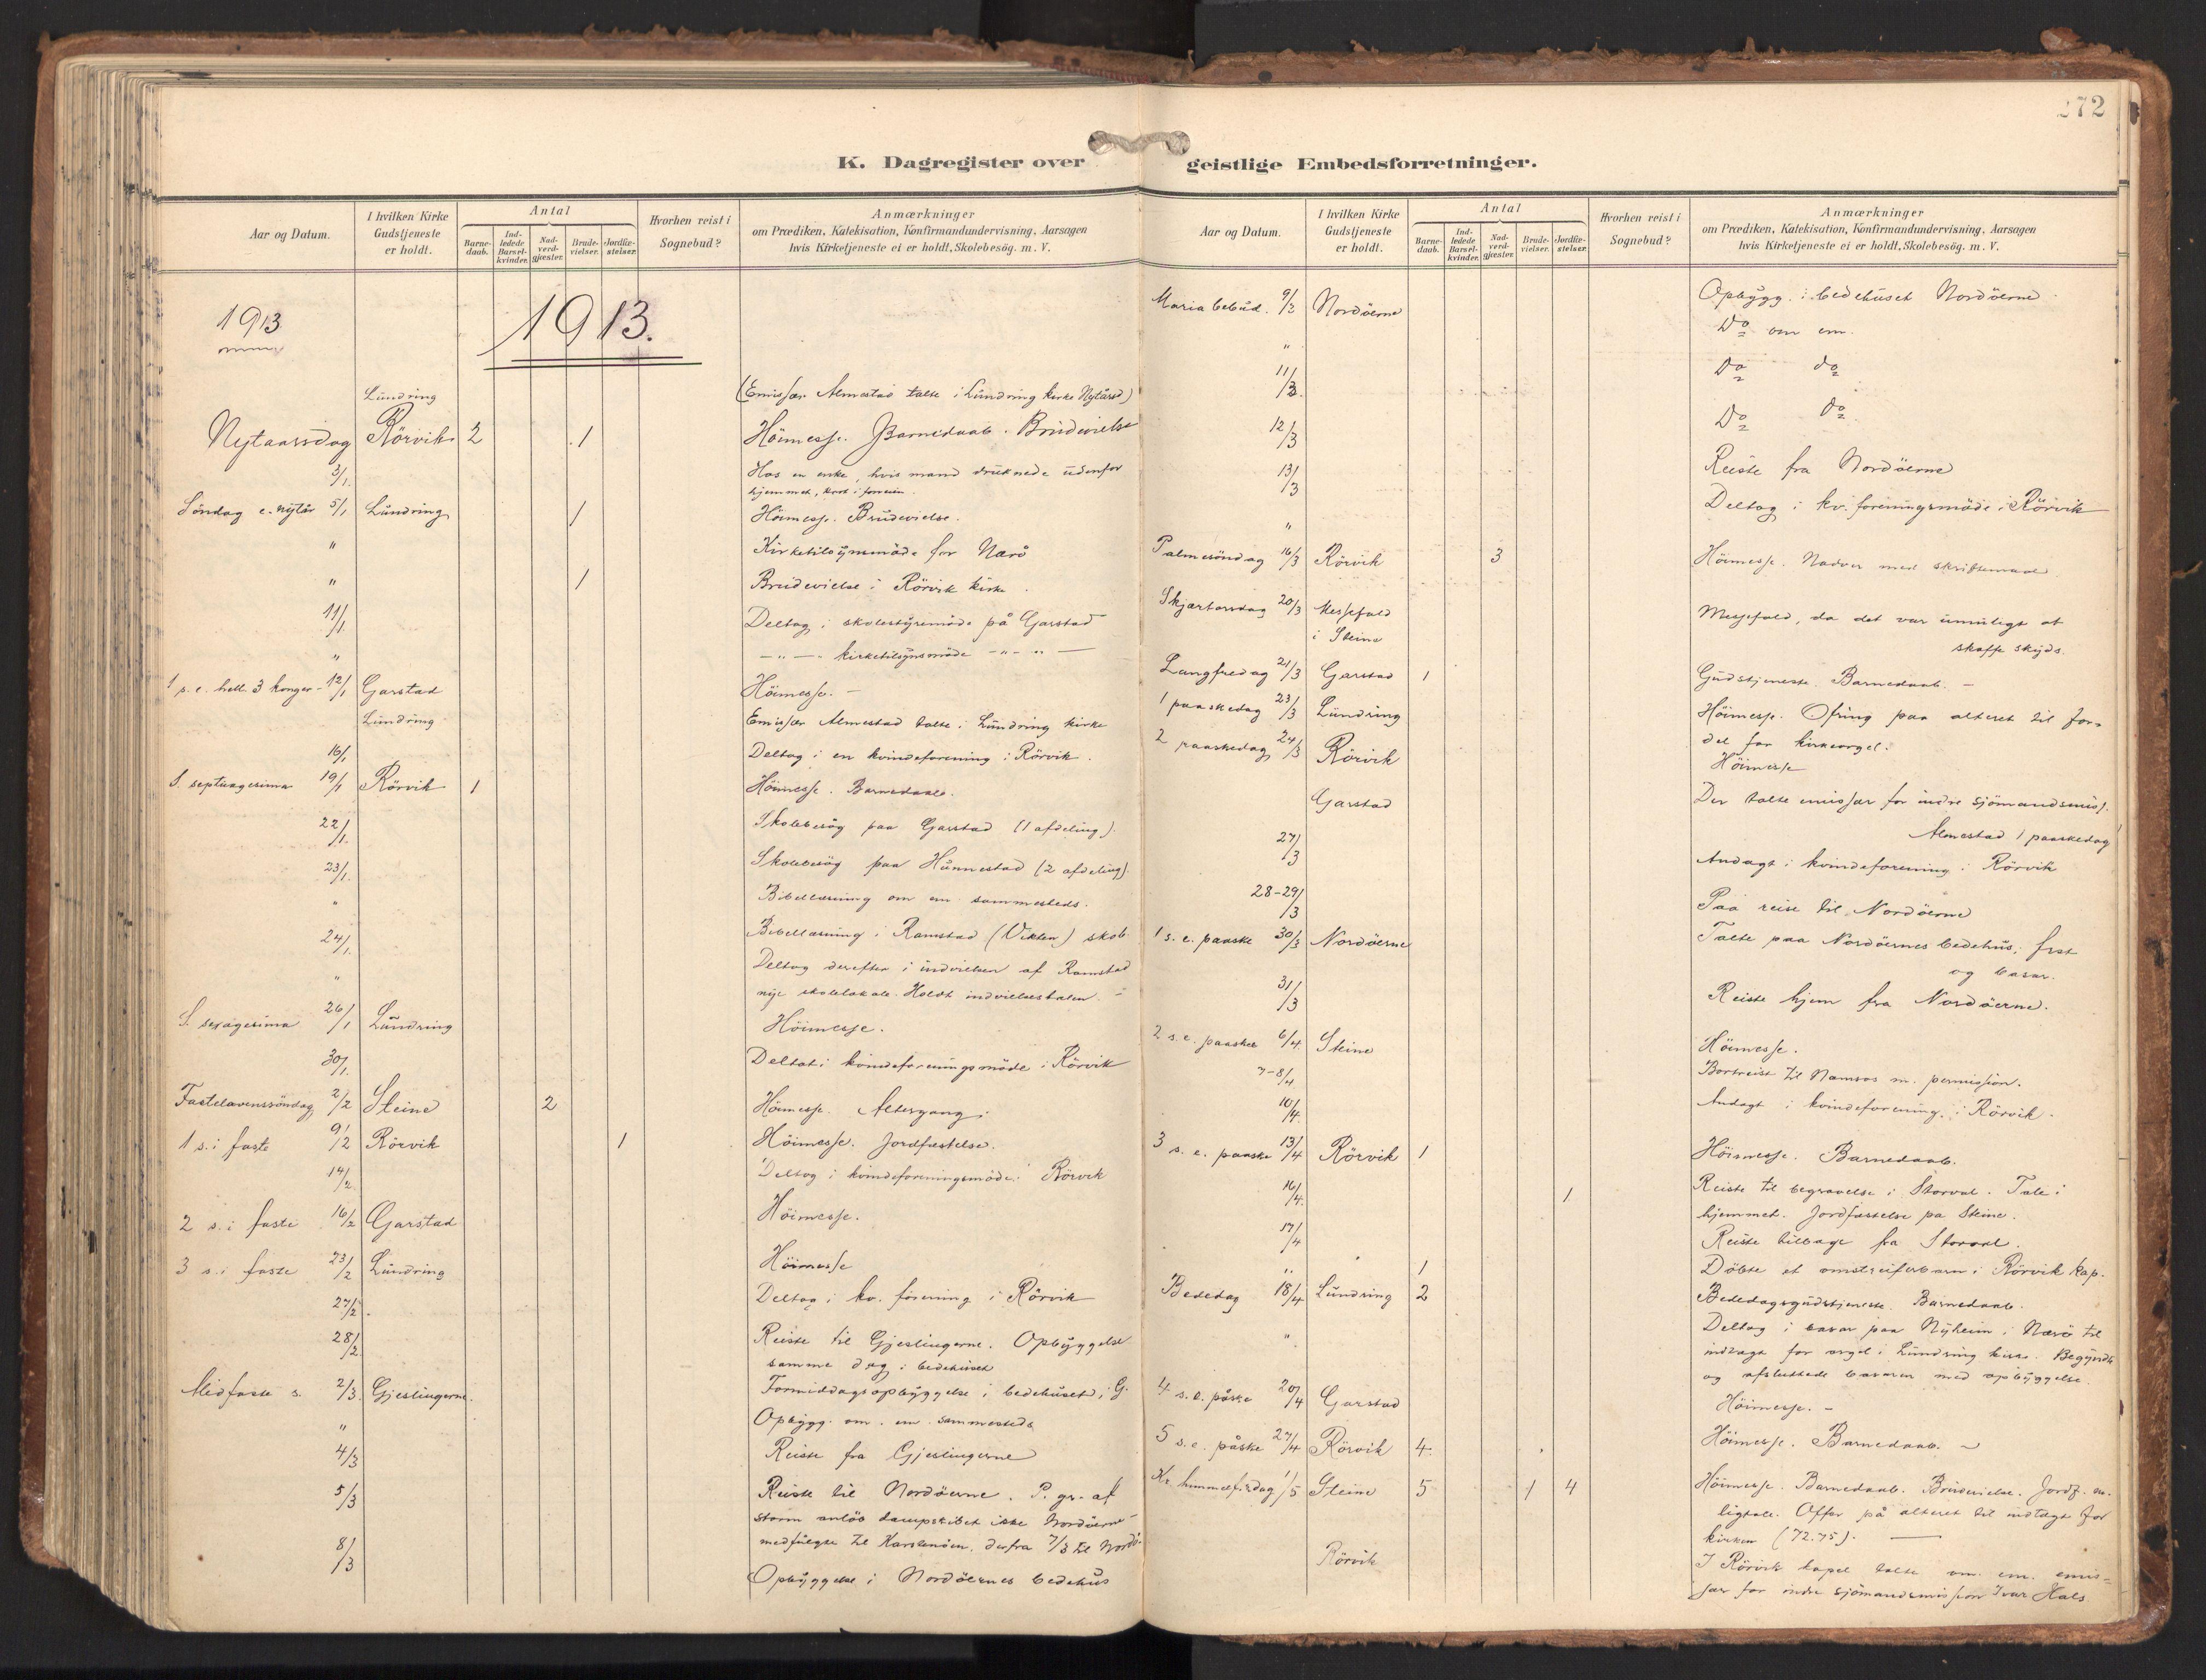 SAT, Ministerialprotokoller, klokkerbøker og fødselsregistre - Nord-Trøndelag, 784/L0677: Ministerialbok nr. 784A12, 1900-1920, s. 272